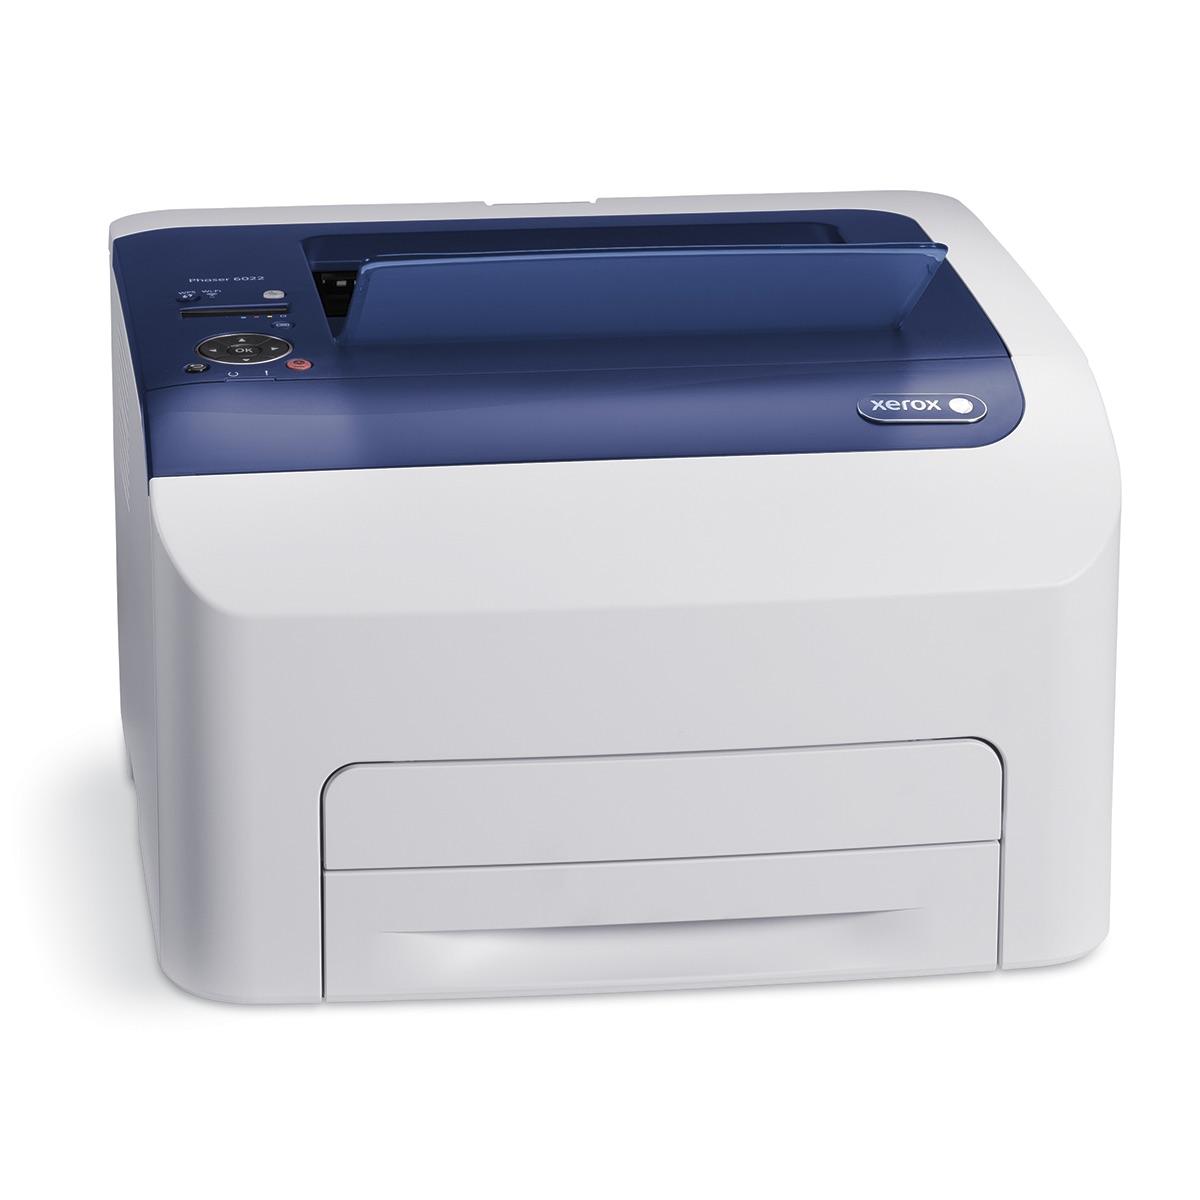 Xerox Printers:  The Xerox Phaser 6022NI Printer